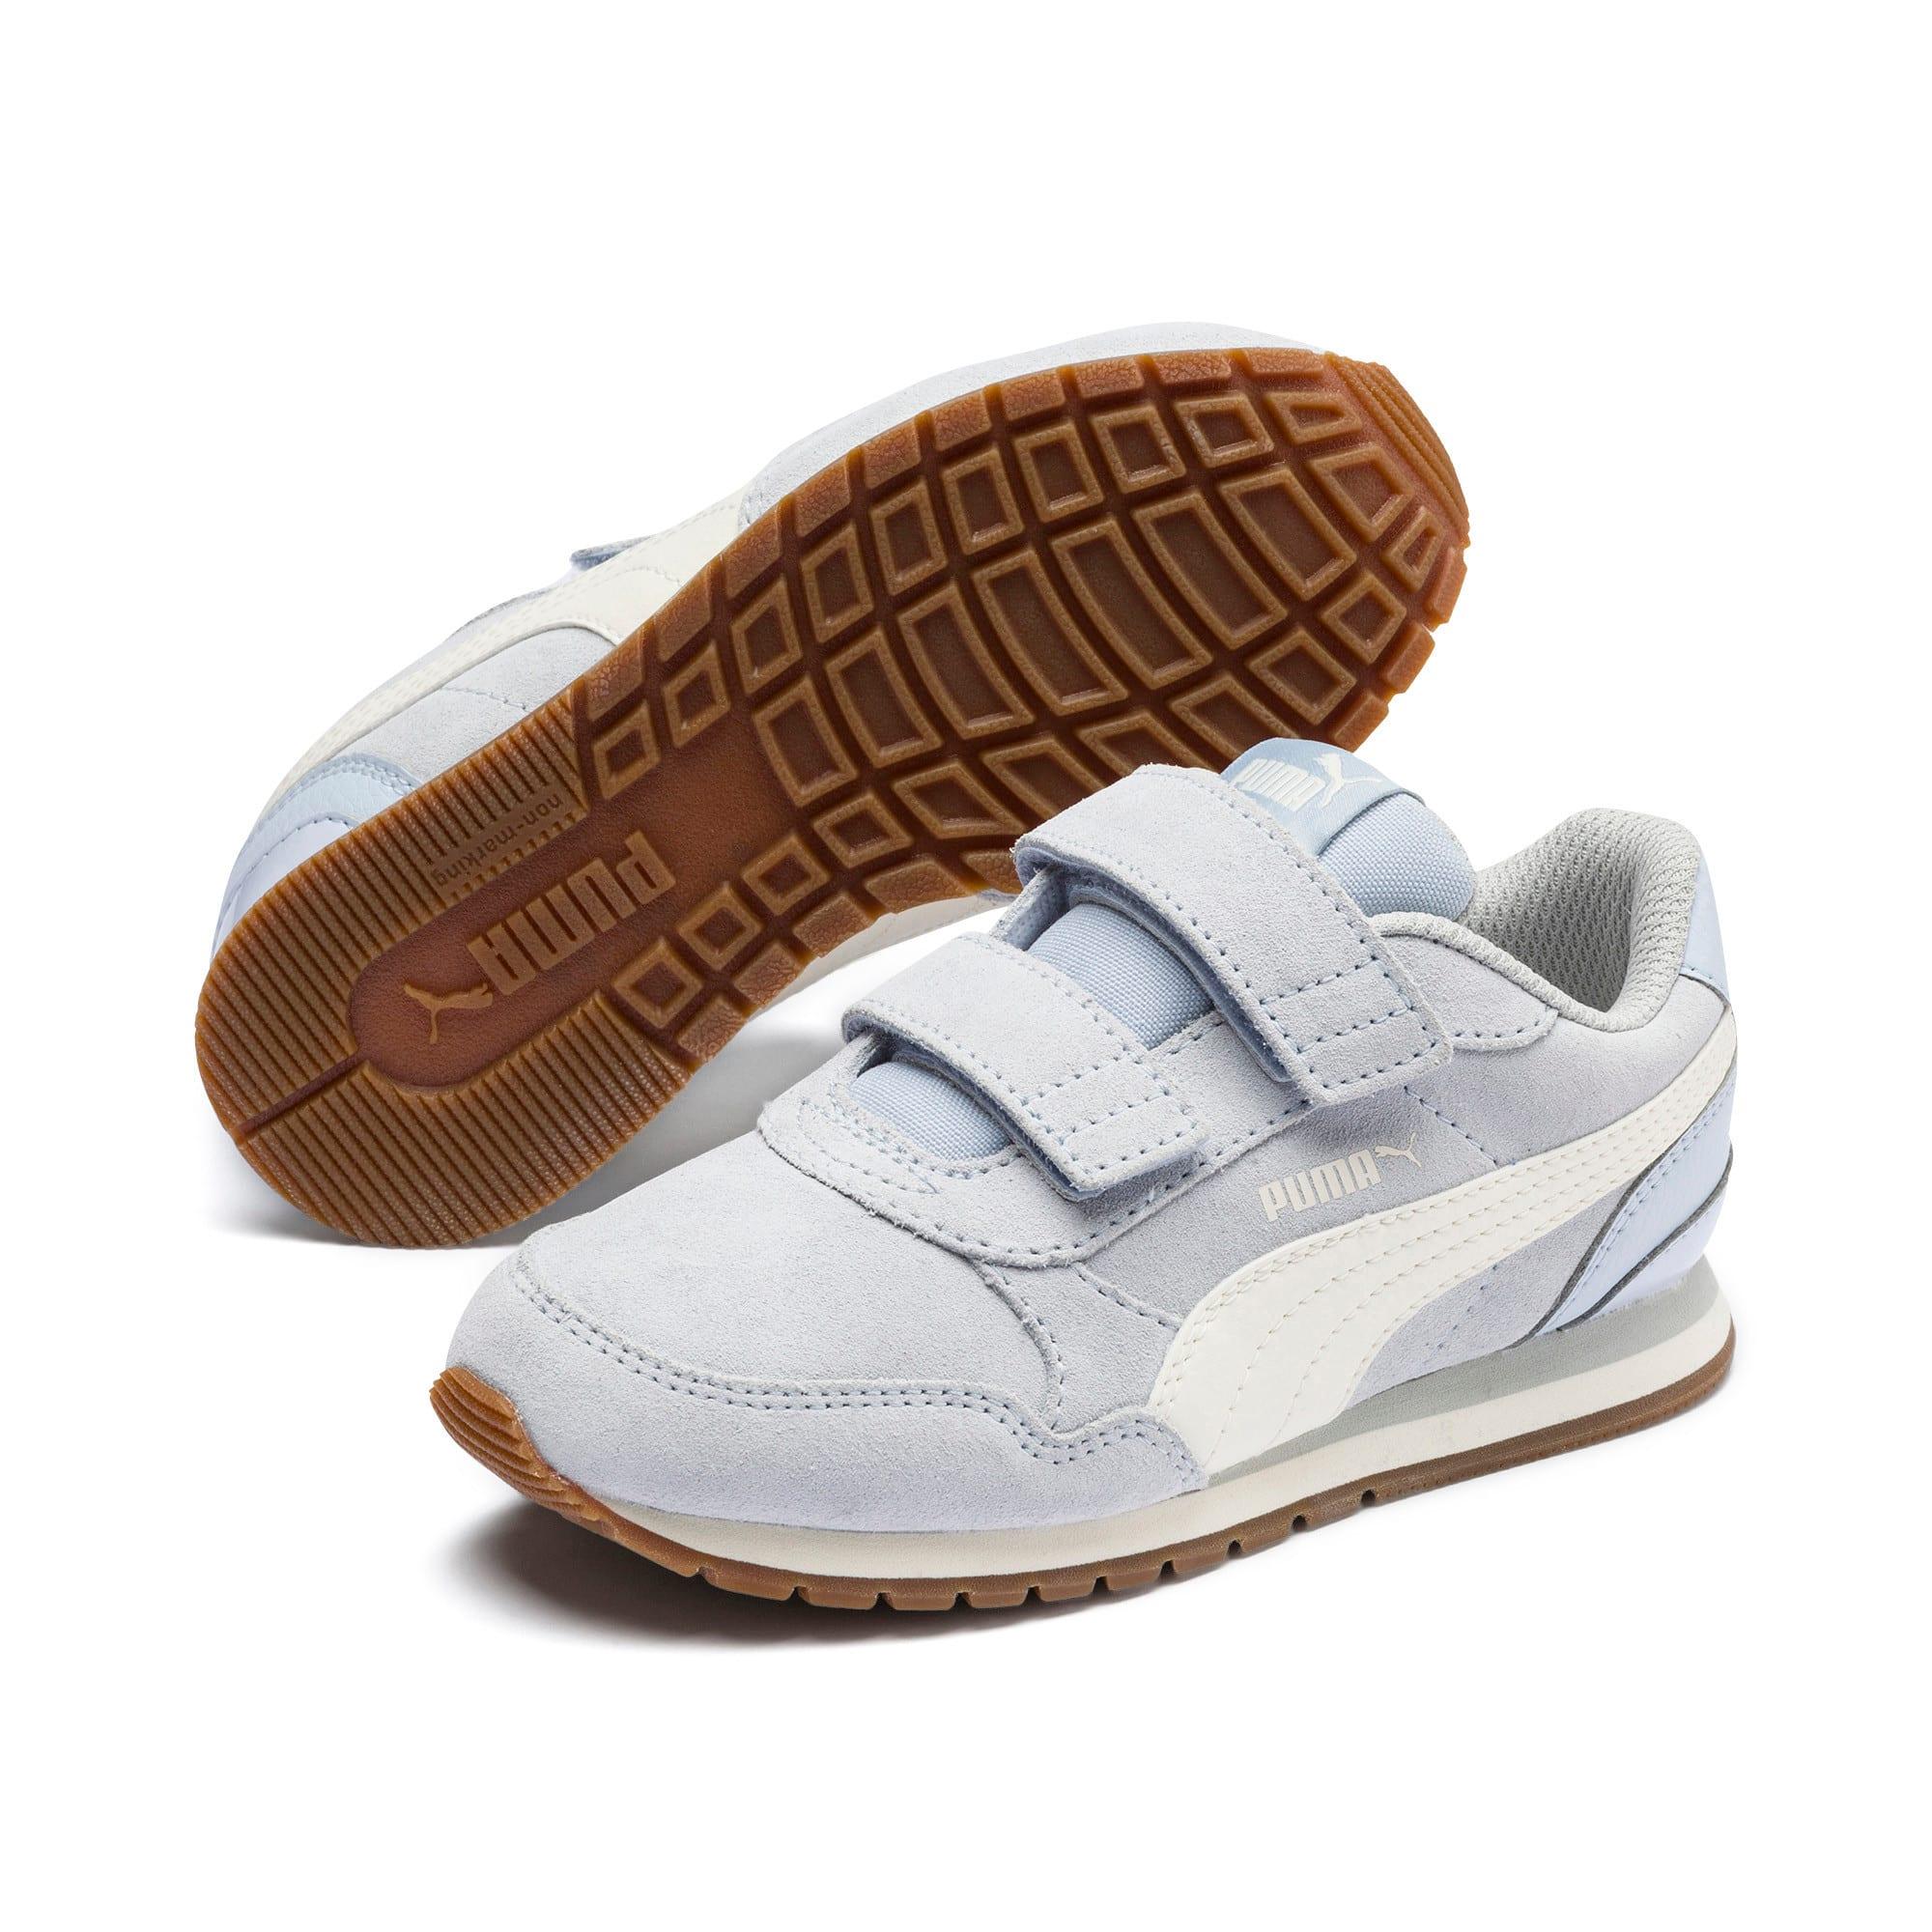 Thumbnail 2 of ST Runner v2 SD V Little Kids' Shoes, Heather-Whisper White, medium